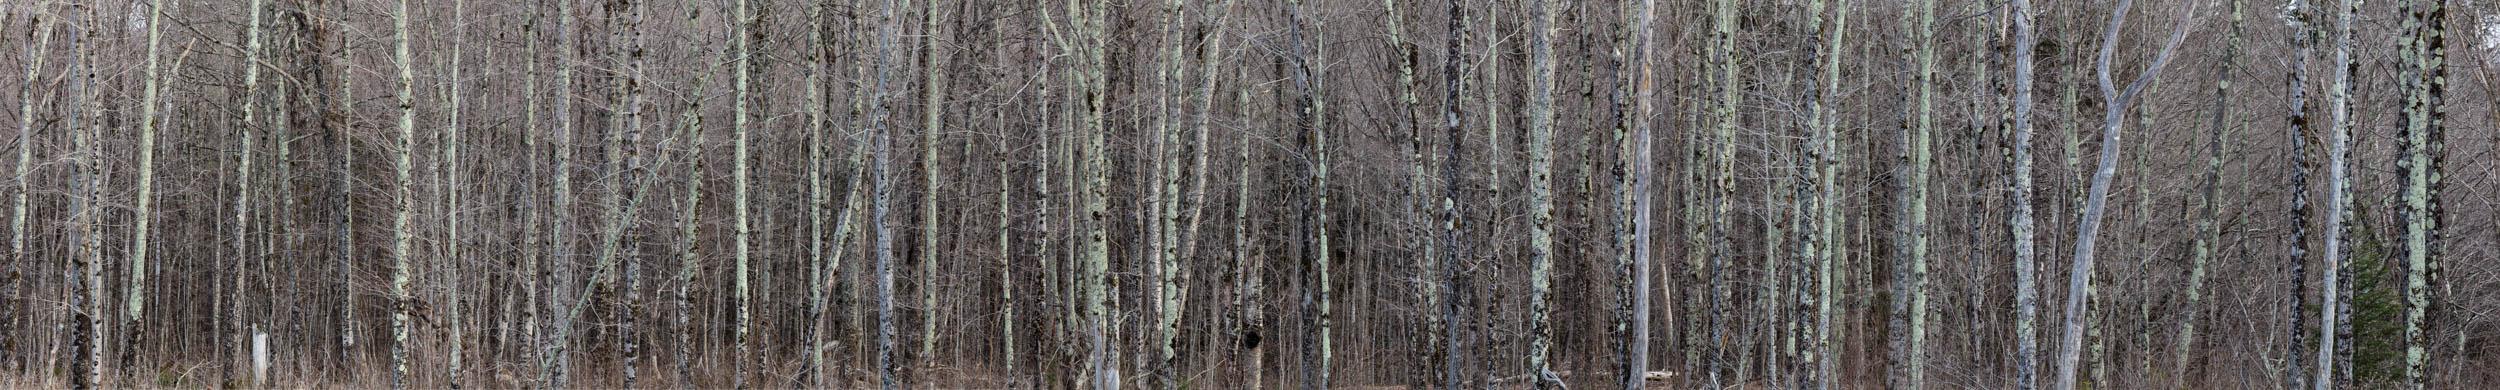 Birch Enclosure